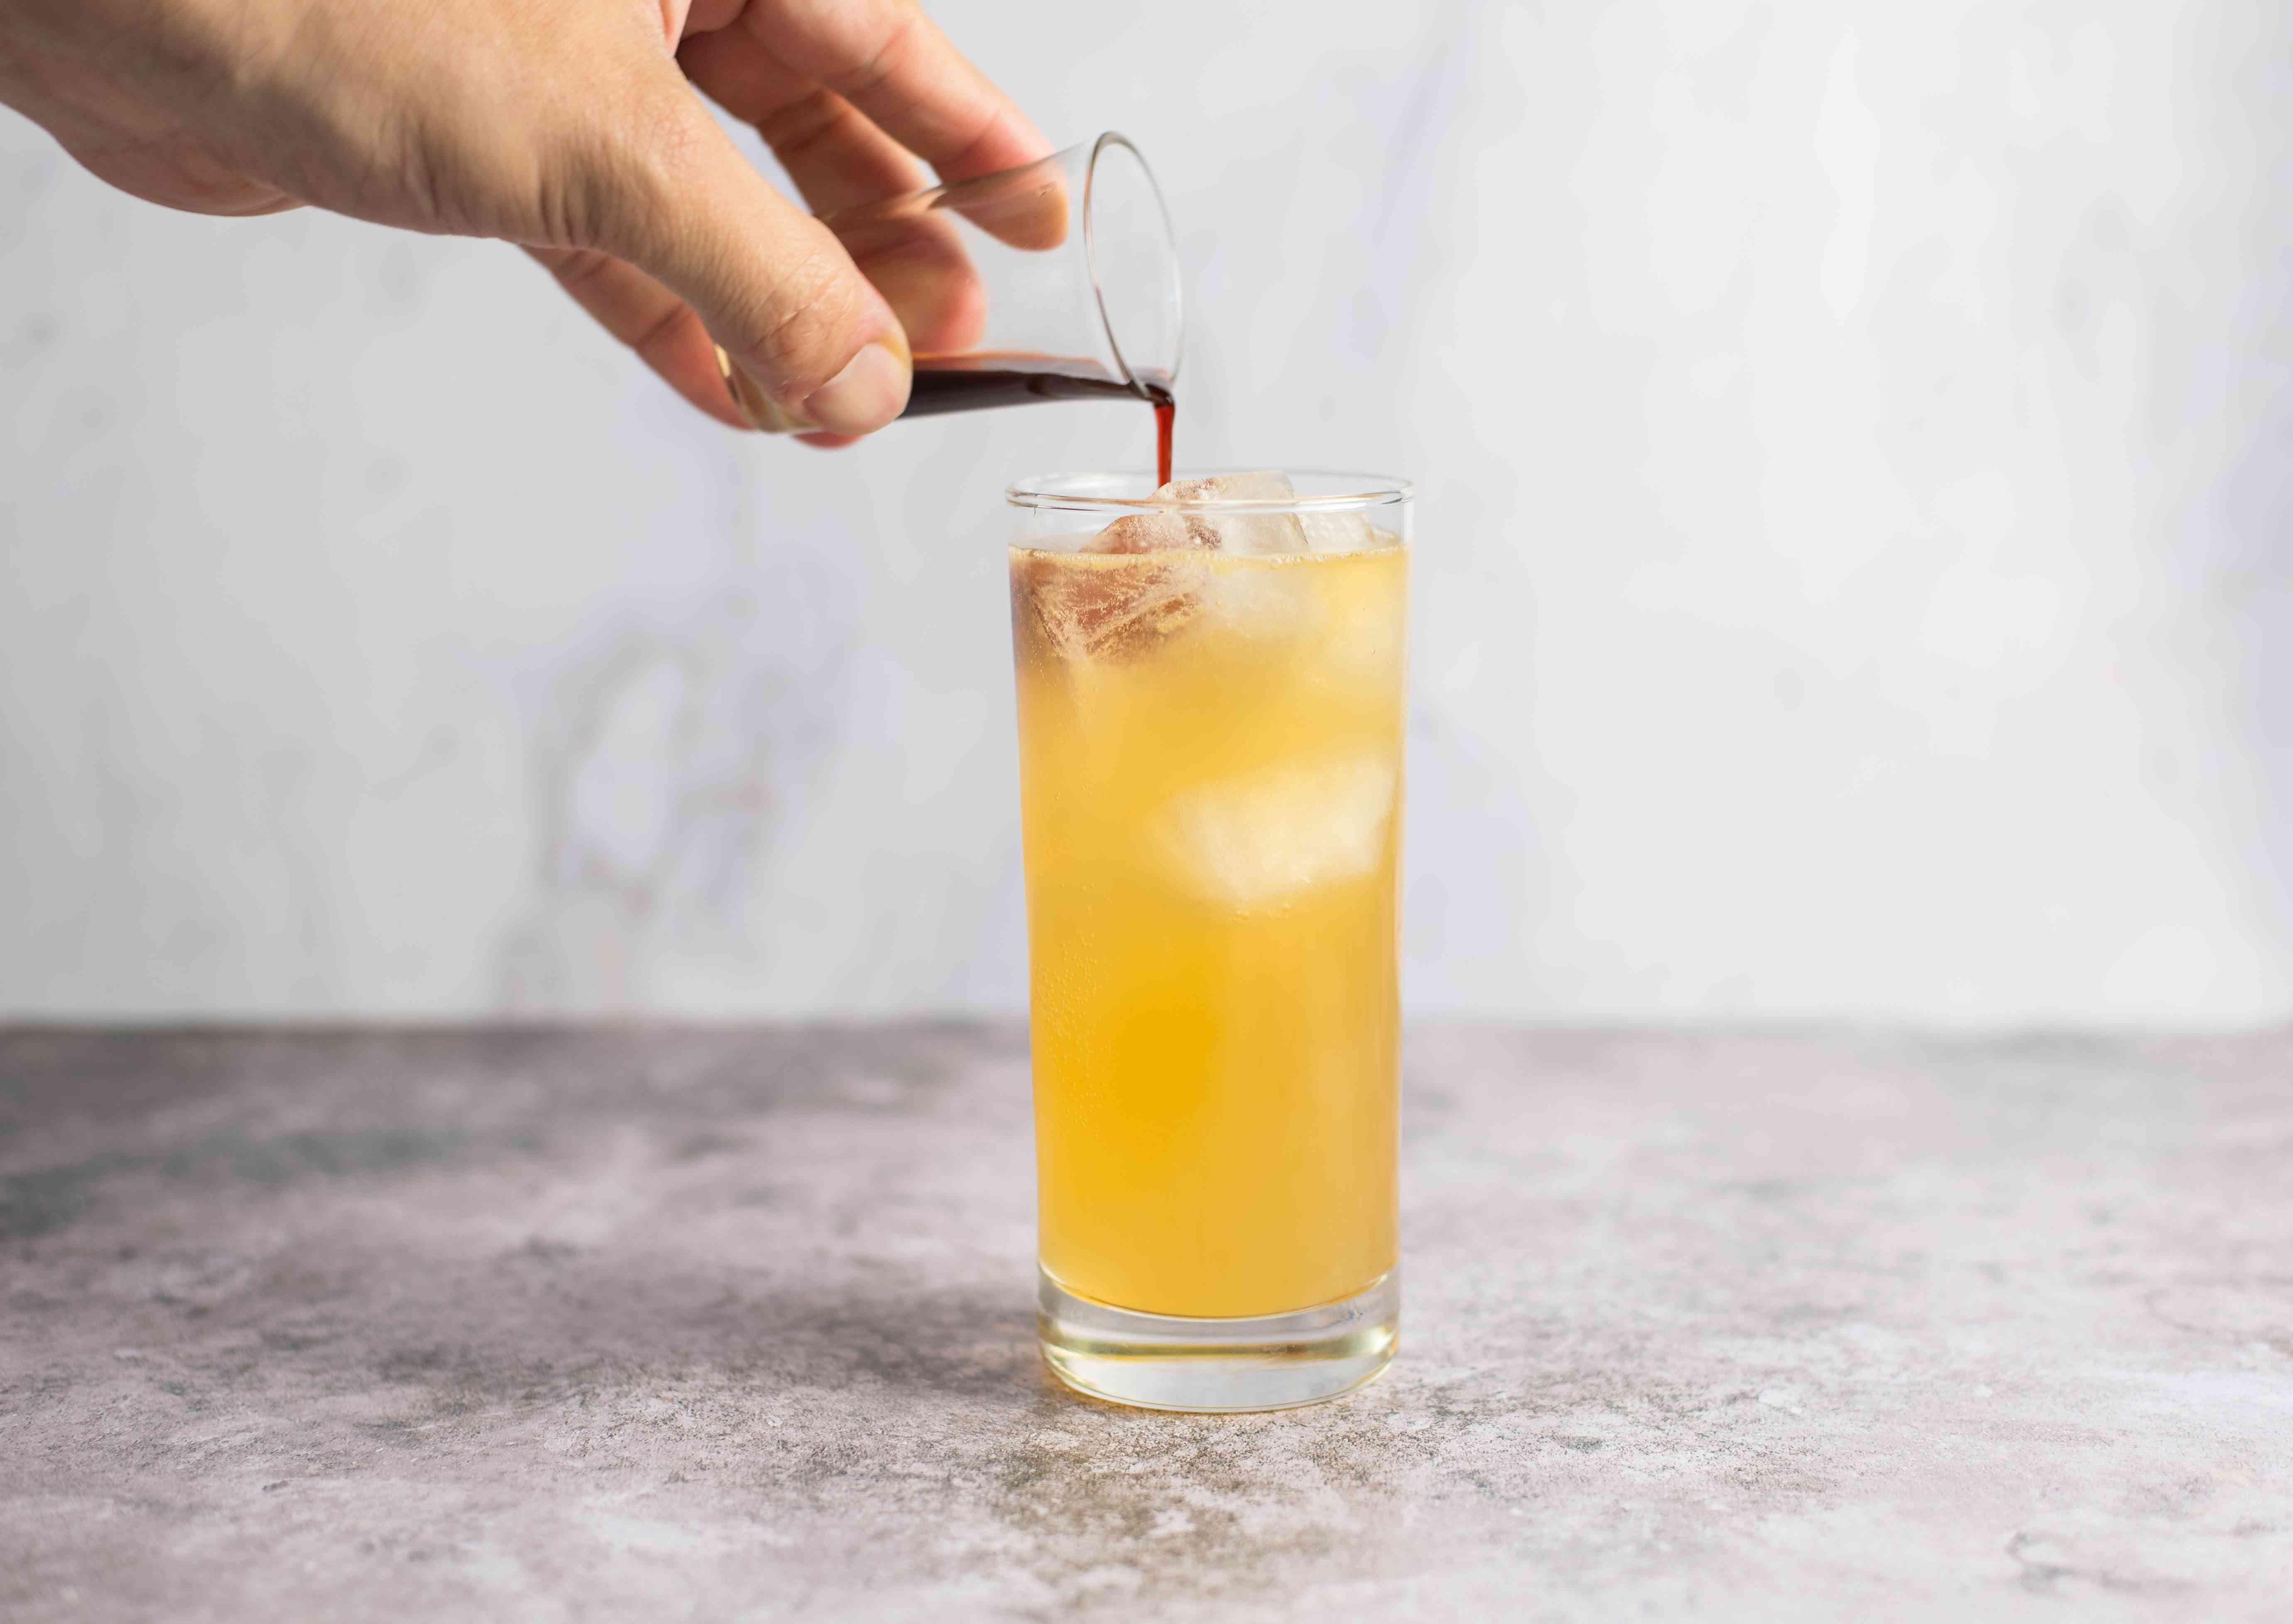 Garnish with Angostura bitters